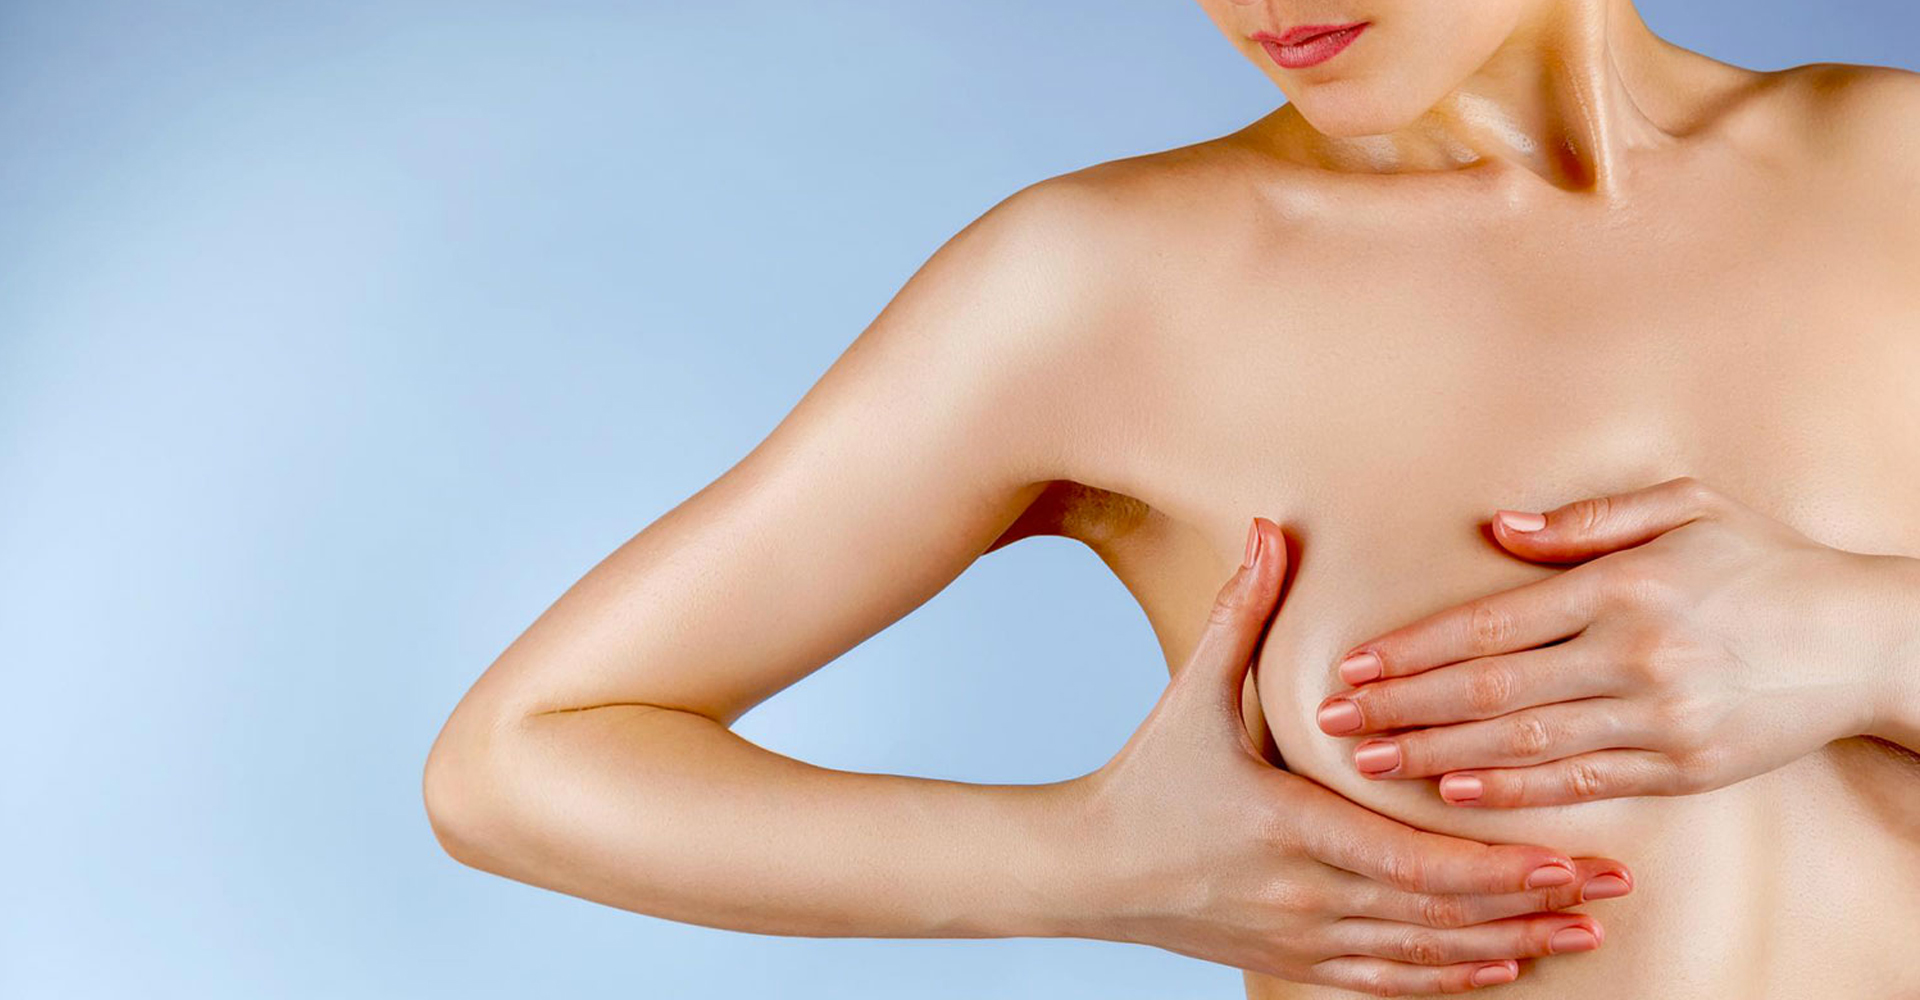 Chirurgie mammaire de reconstruction